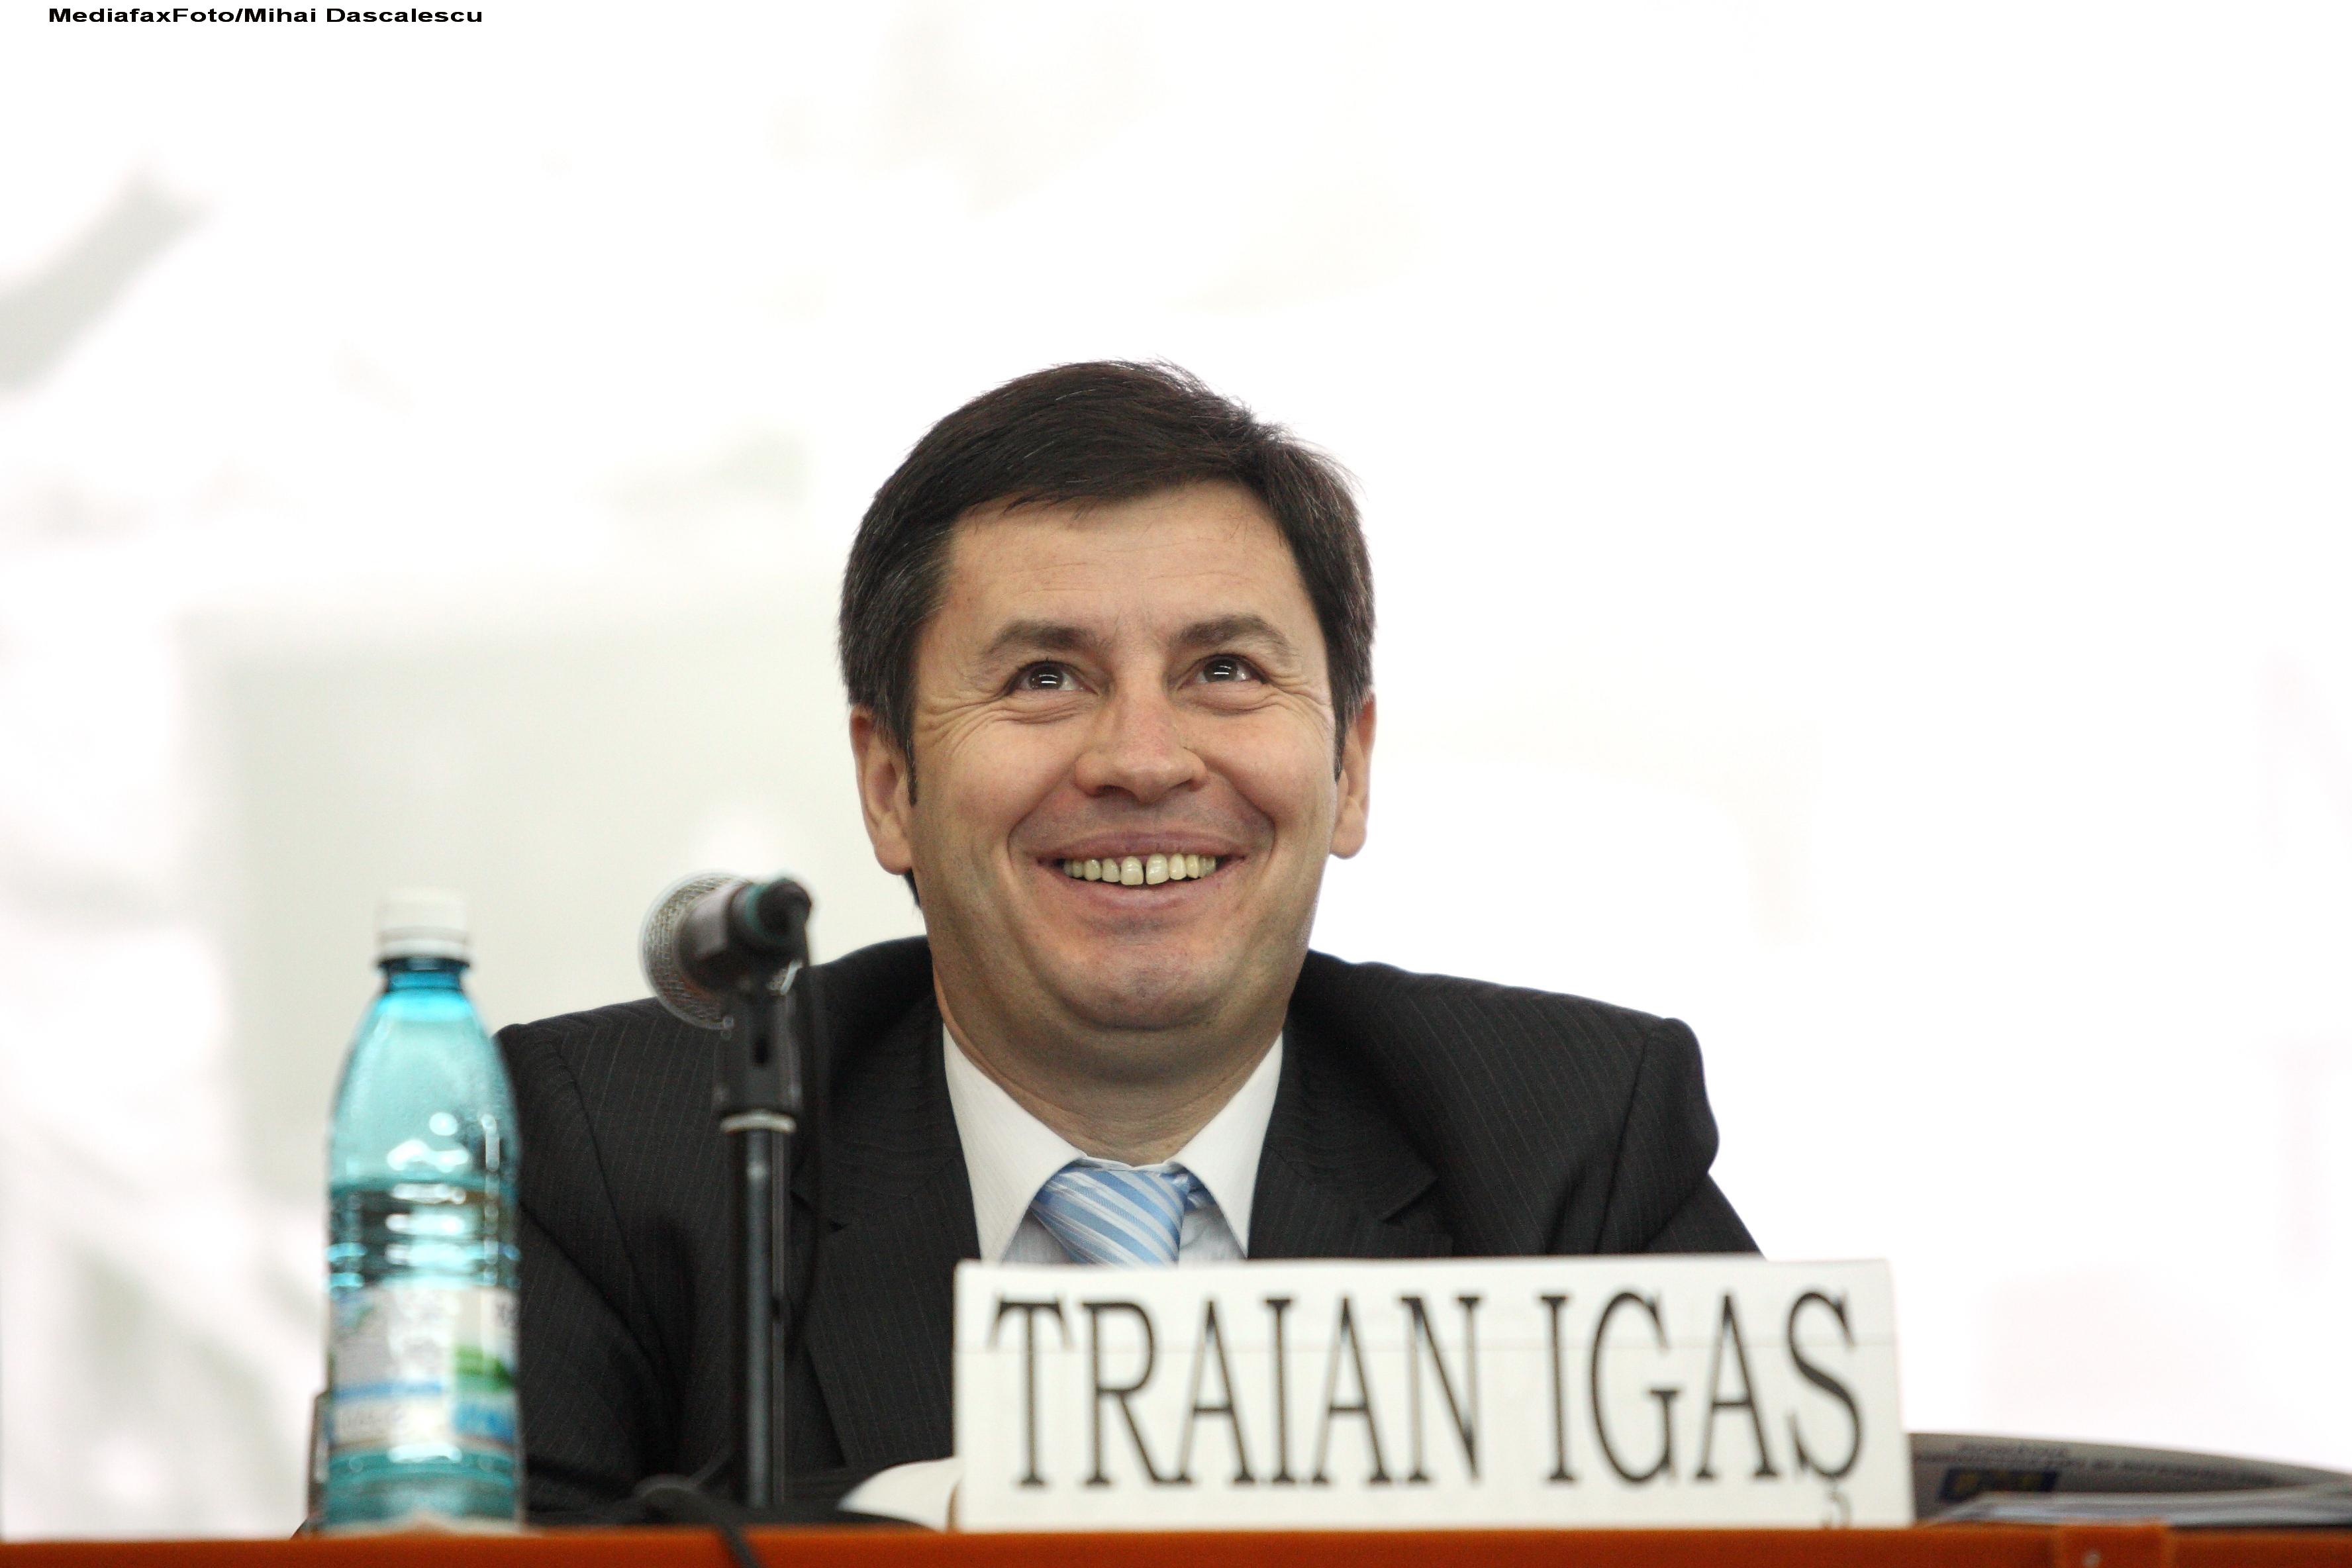 Traian Igas: Ponta nu stie articolele Constitutiei, in schimb stie sa jigneasca femeile din PDL